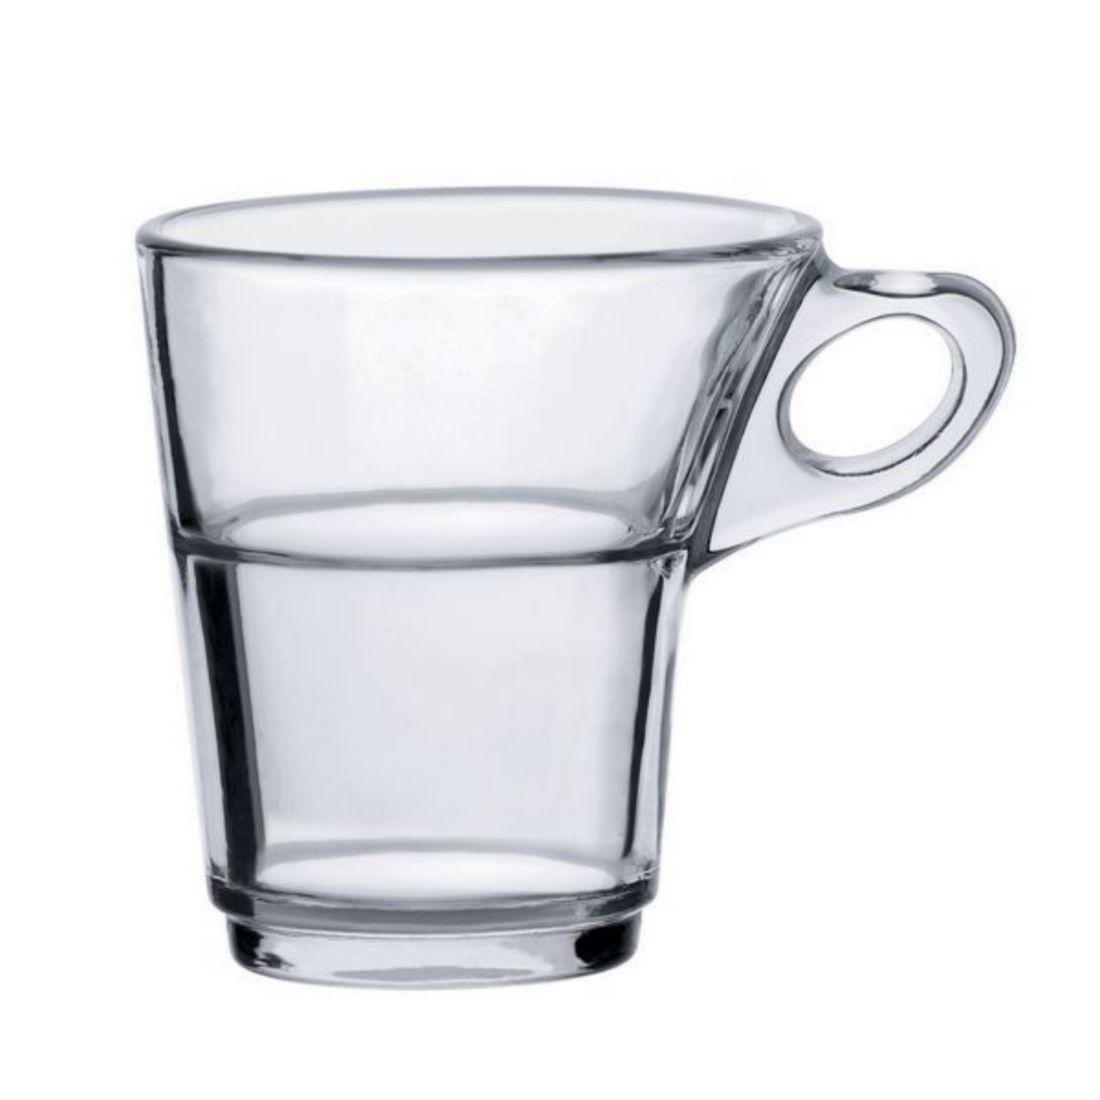 Hrnek skleněný Caprice 220 ml